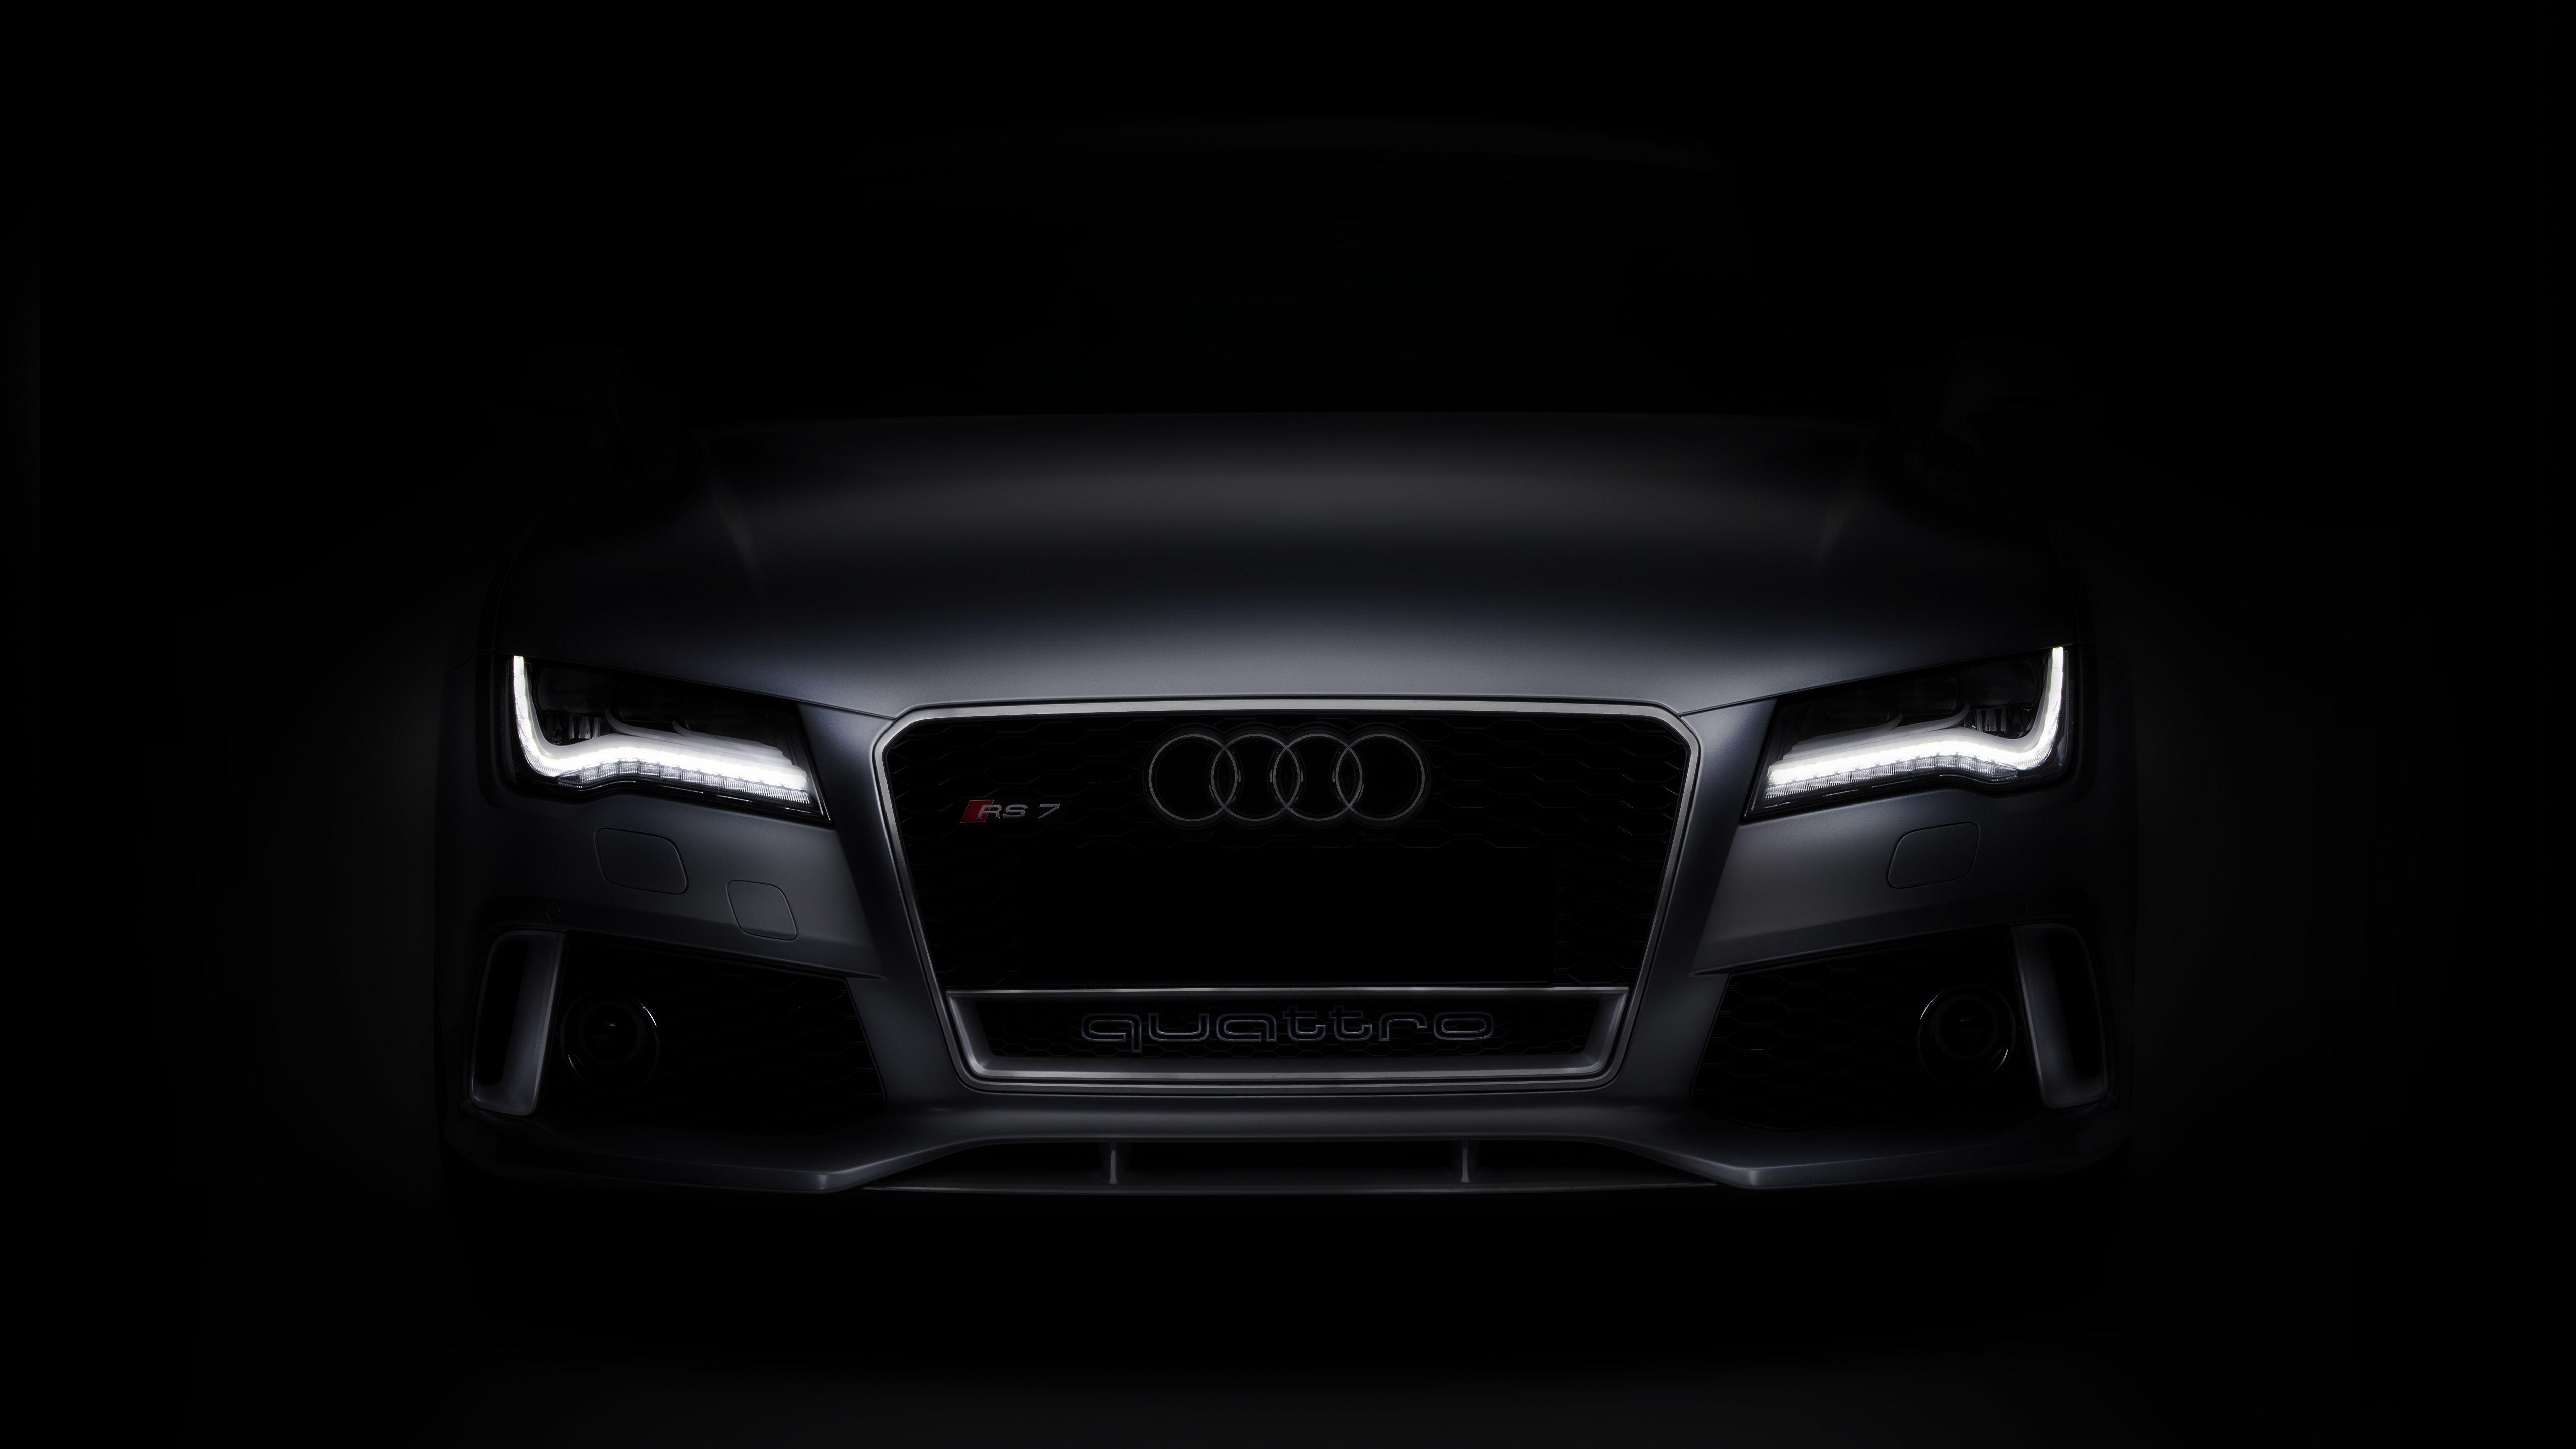 2017 Audi Rs7 4k Wallpaper Audi Rs7 Black Car